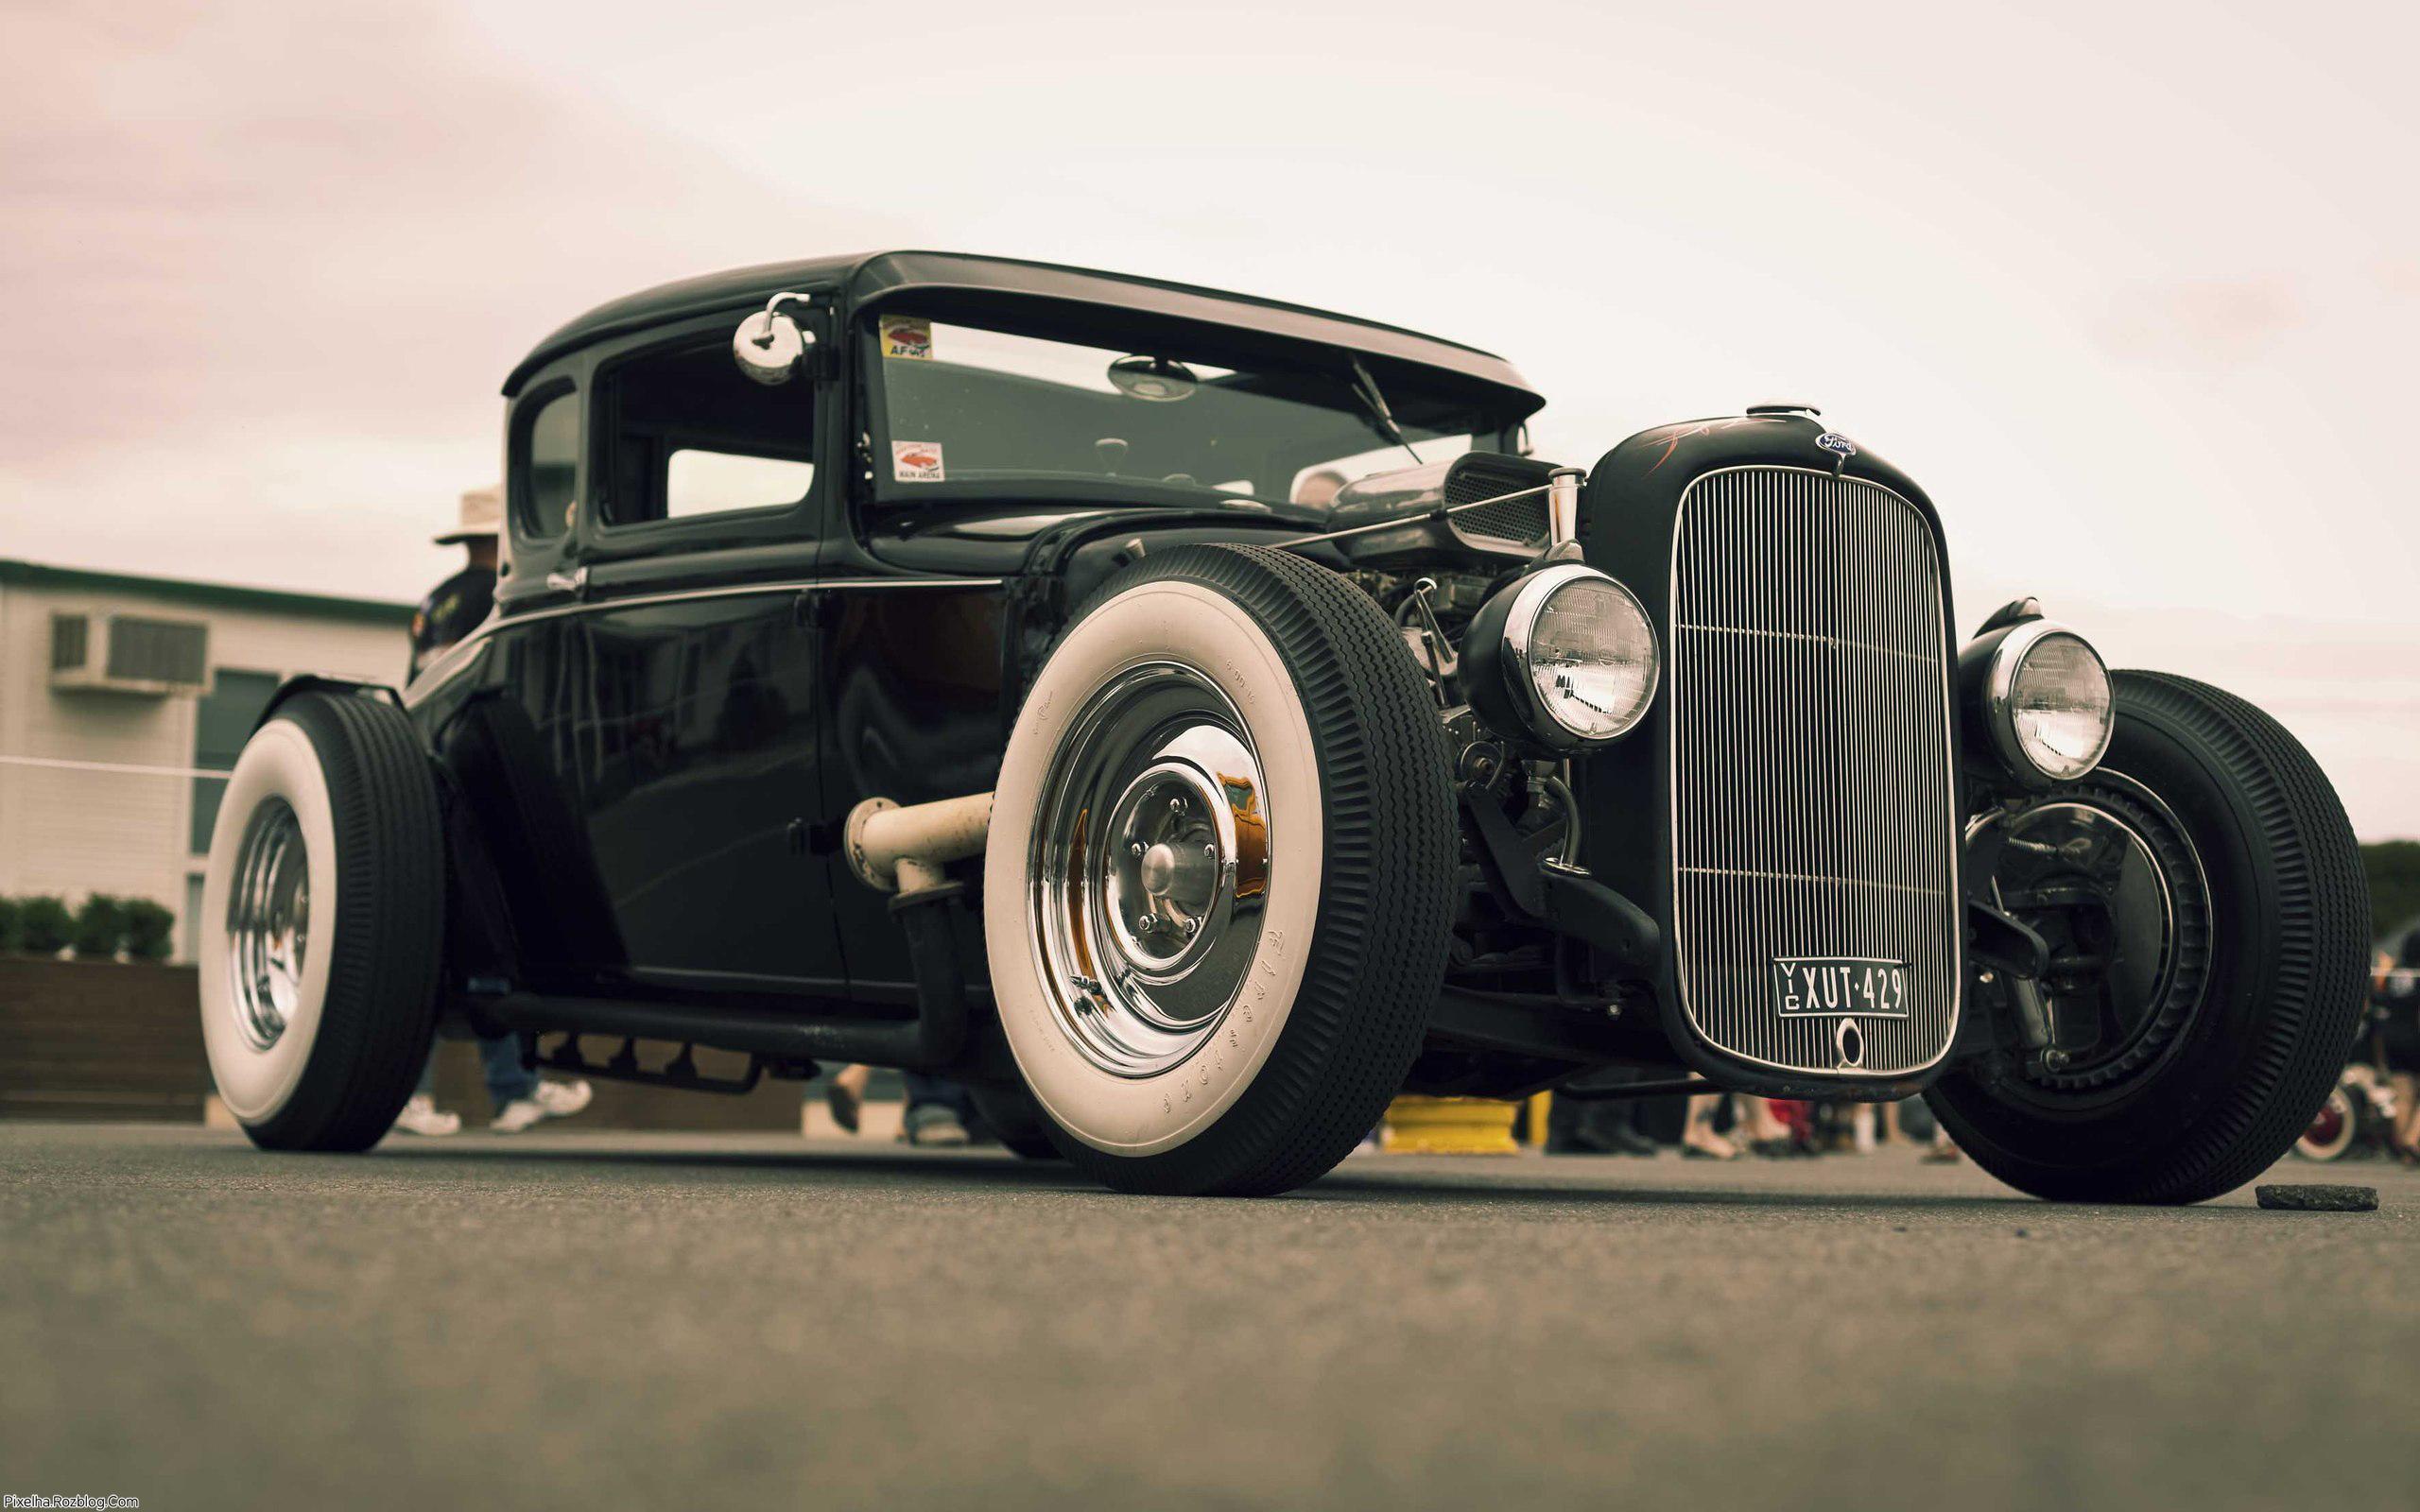 ماشین کلاسیک قدیمی